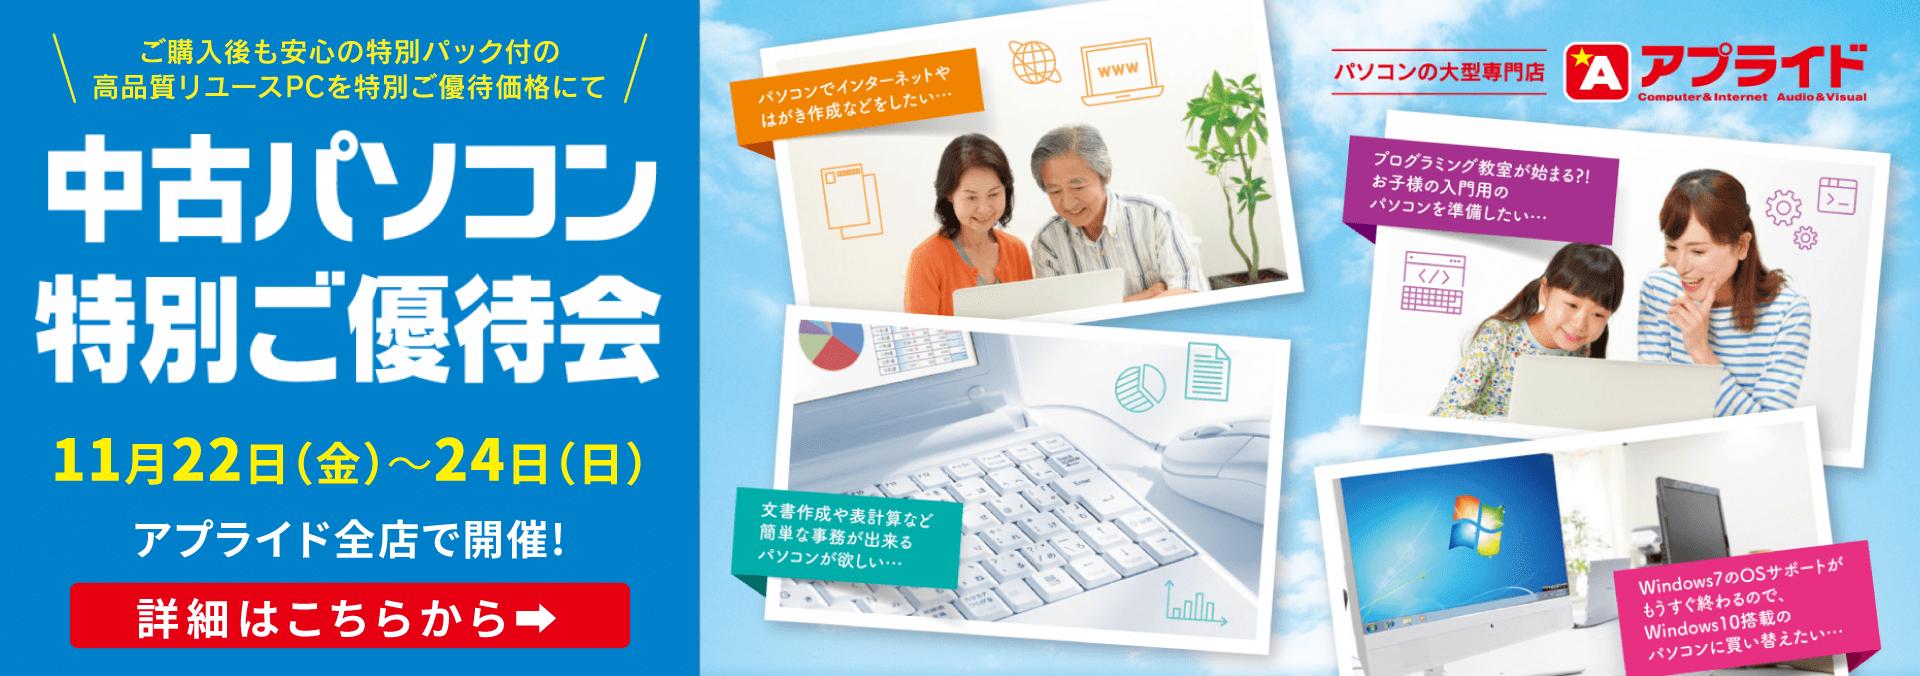 中古パソコン特別ご優待会